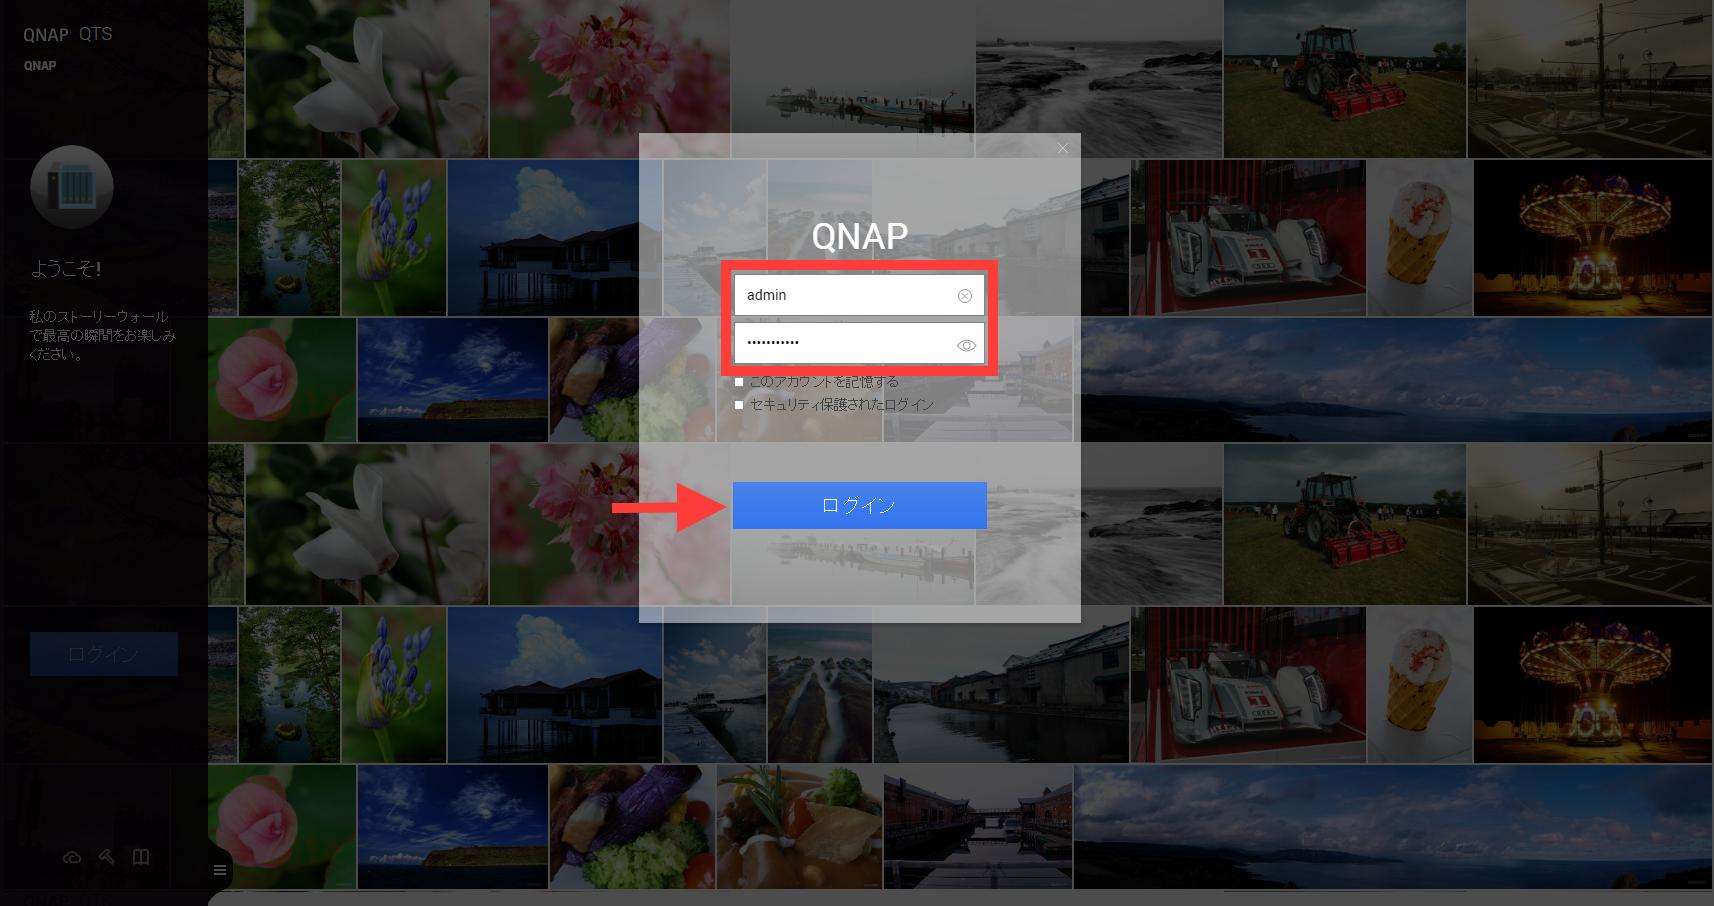 ログインボタンをクリックし、ユーザー情報の入力